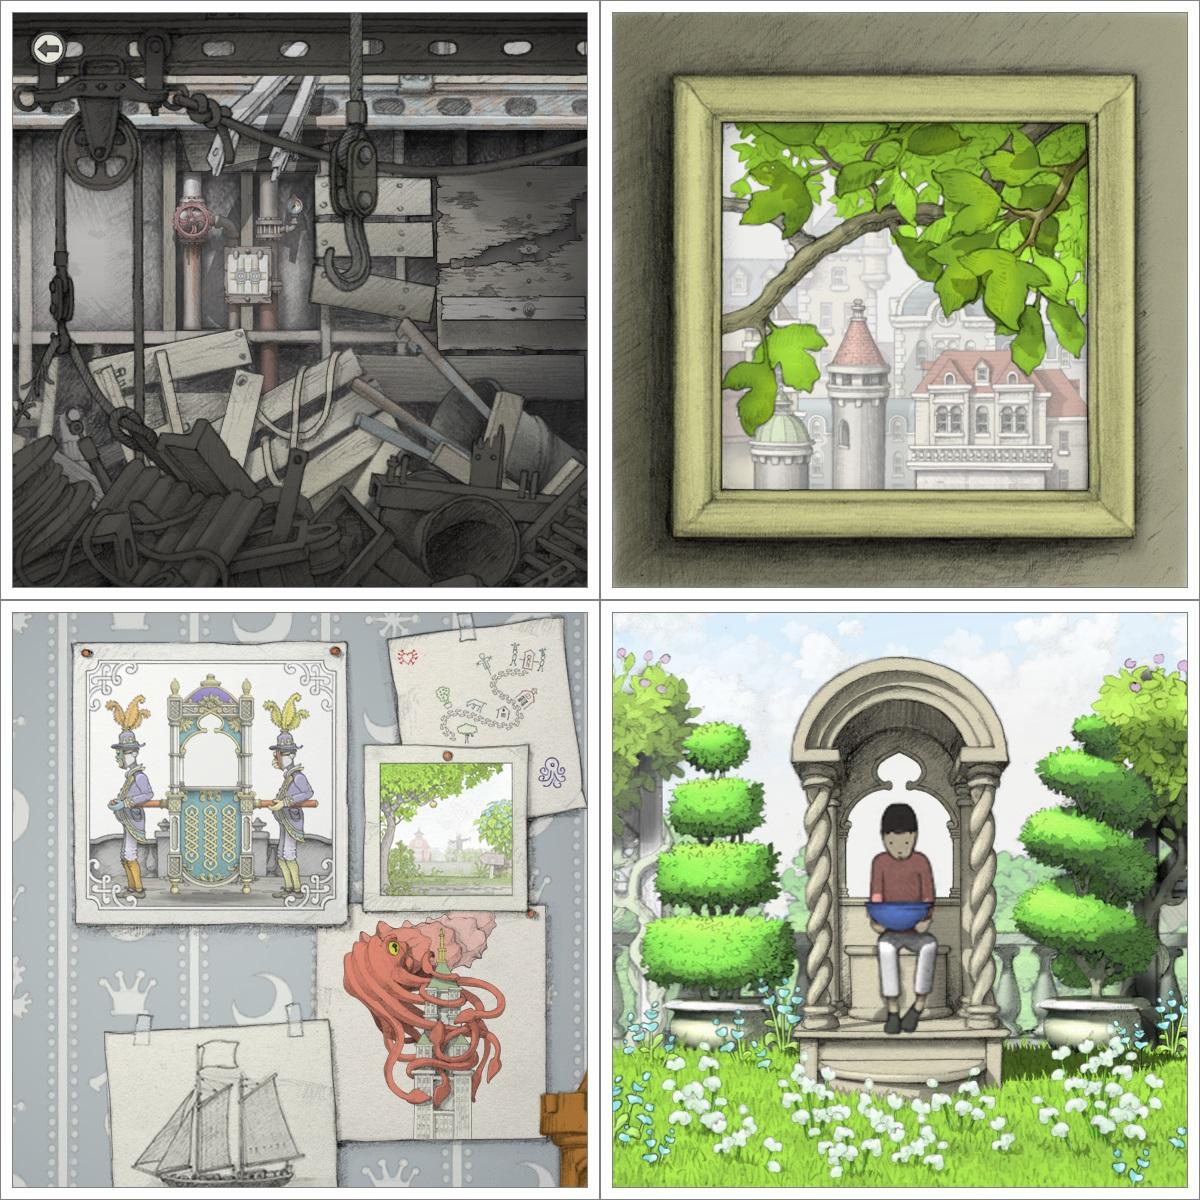 Screenshot: Bilder eines Hakens, eines Astes mit Blättern, einer Wand mit mehreren Zeichnungen und eines Buben, der in einem Pavillon sitzt